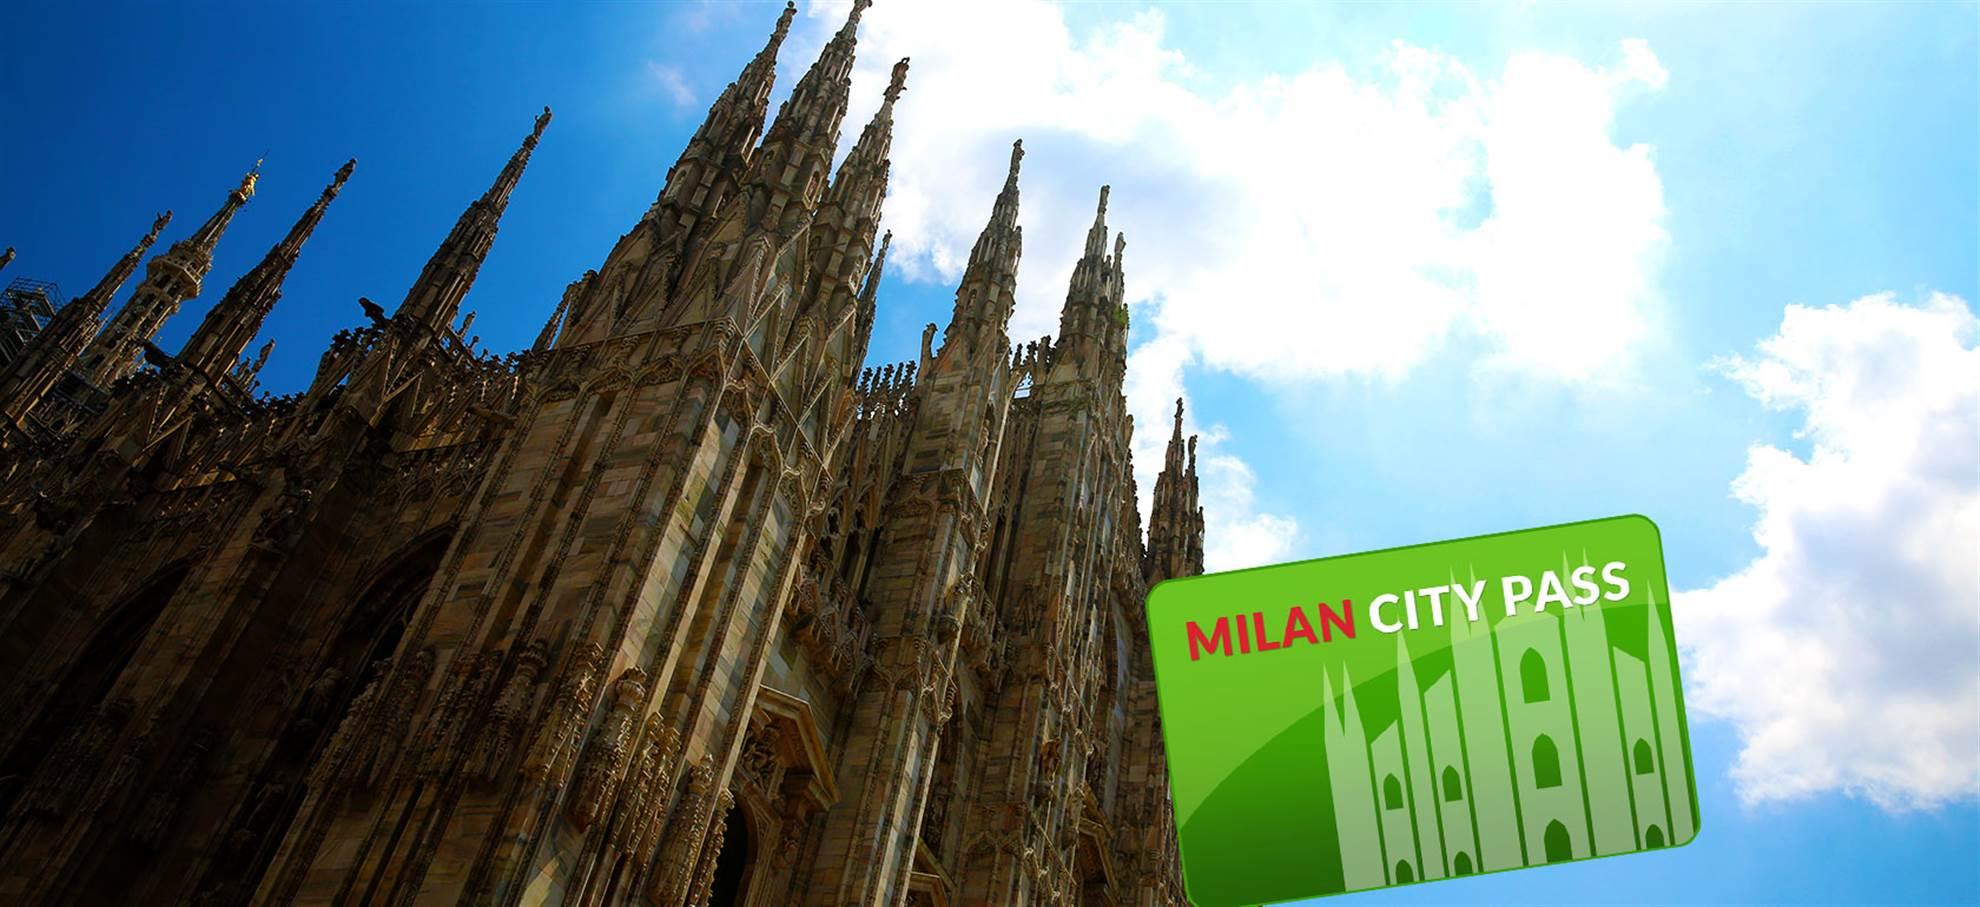 Passe de Cidade Milão - última ceia (inclui transfer de aeroporto)